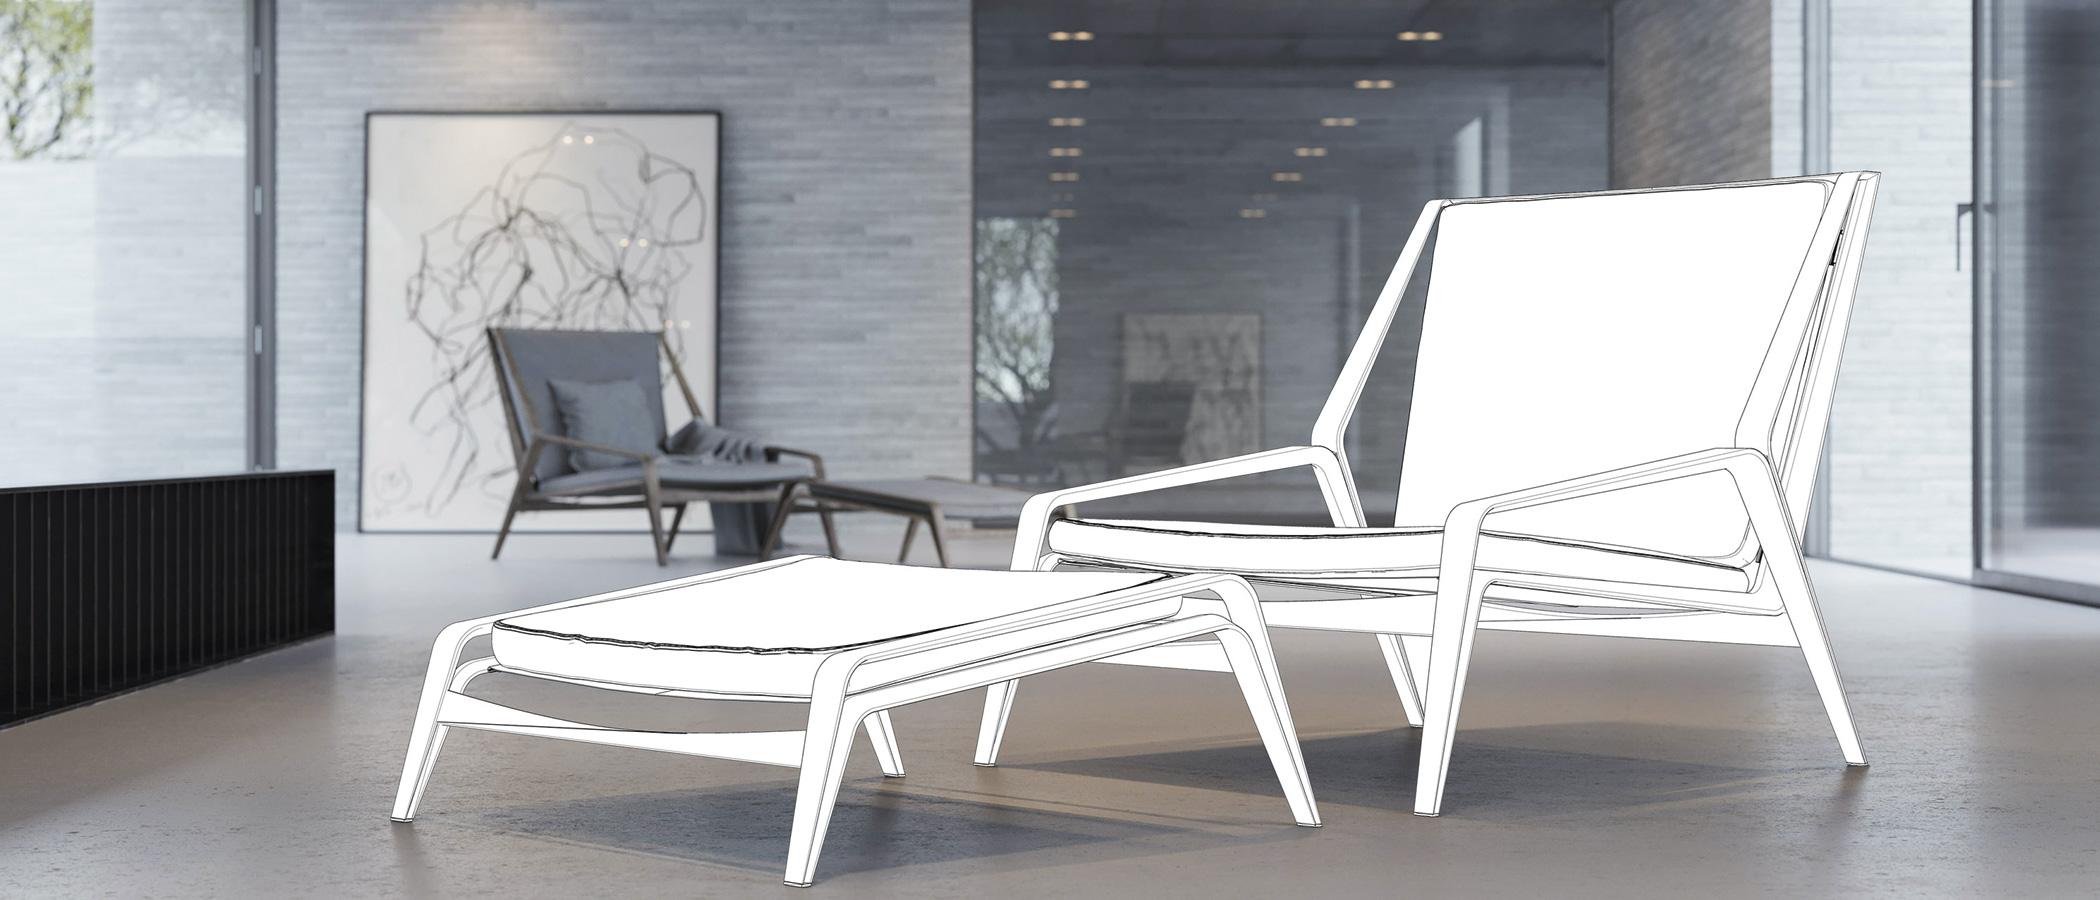 Projektowanie 3D do pracy w drewnie   Modelowanie 3D mebli w SketchUp